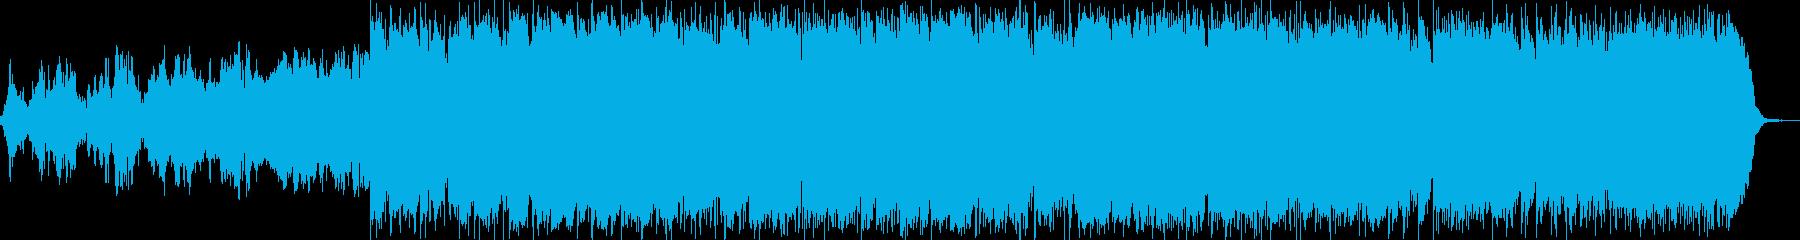 電気楽器。広々とした雰囲気のあるサ...の再生済みの波形